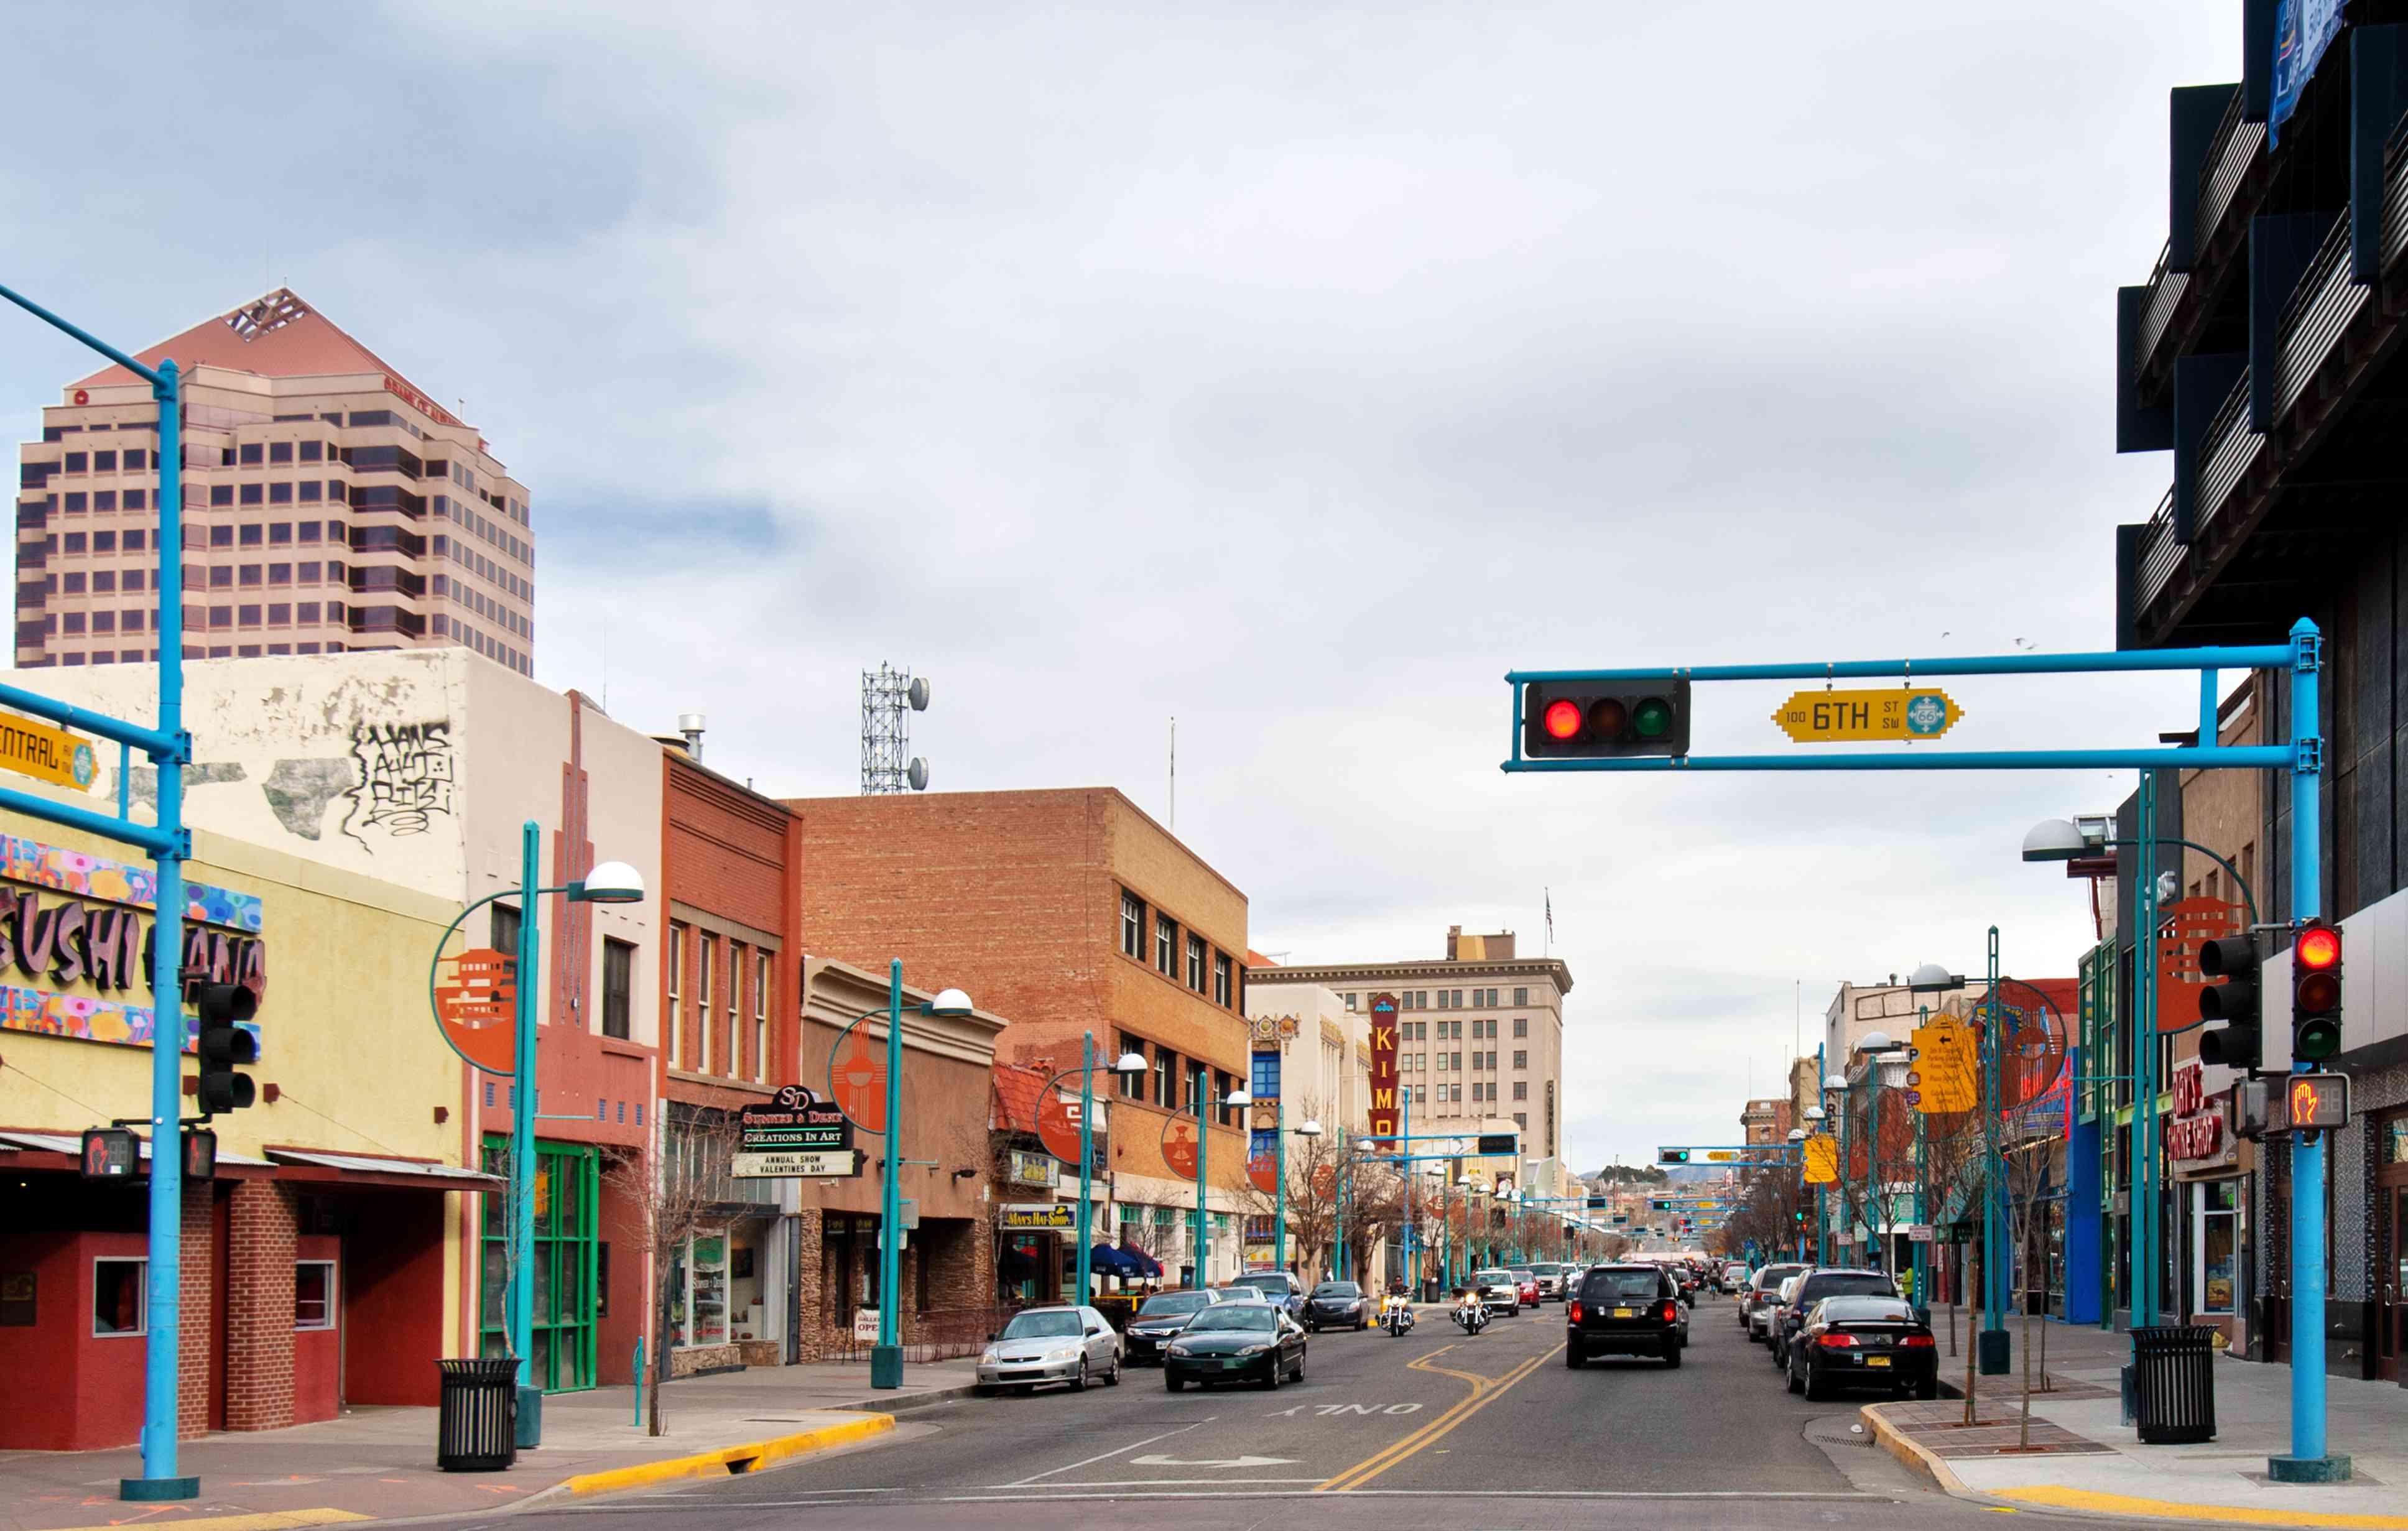 Albuquerque Downtown - Central Avenue